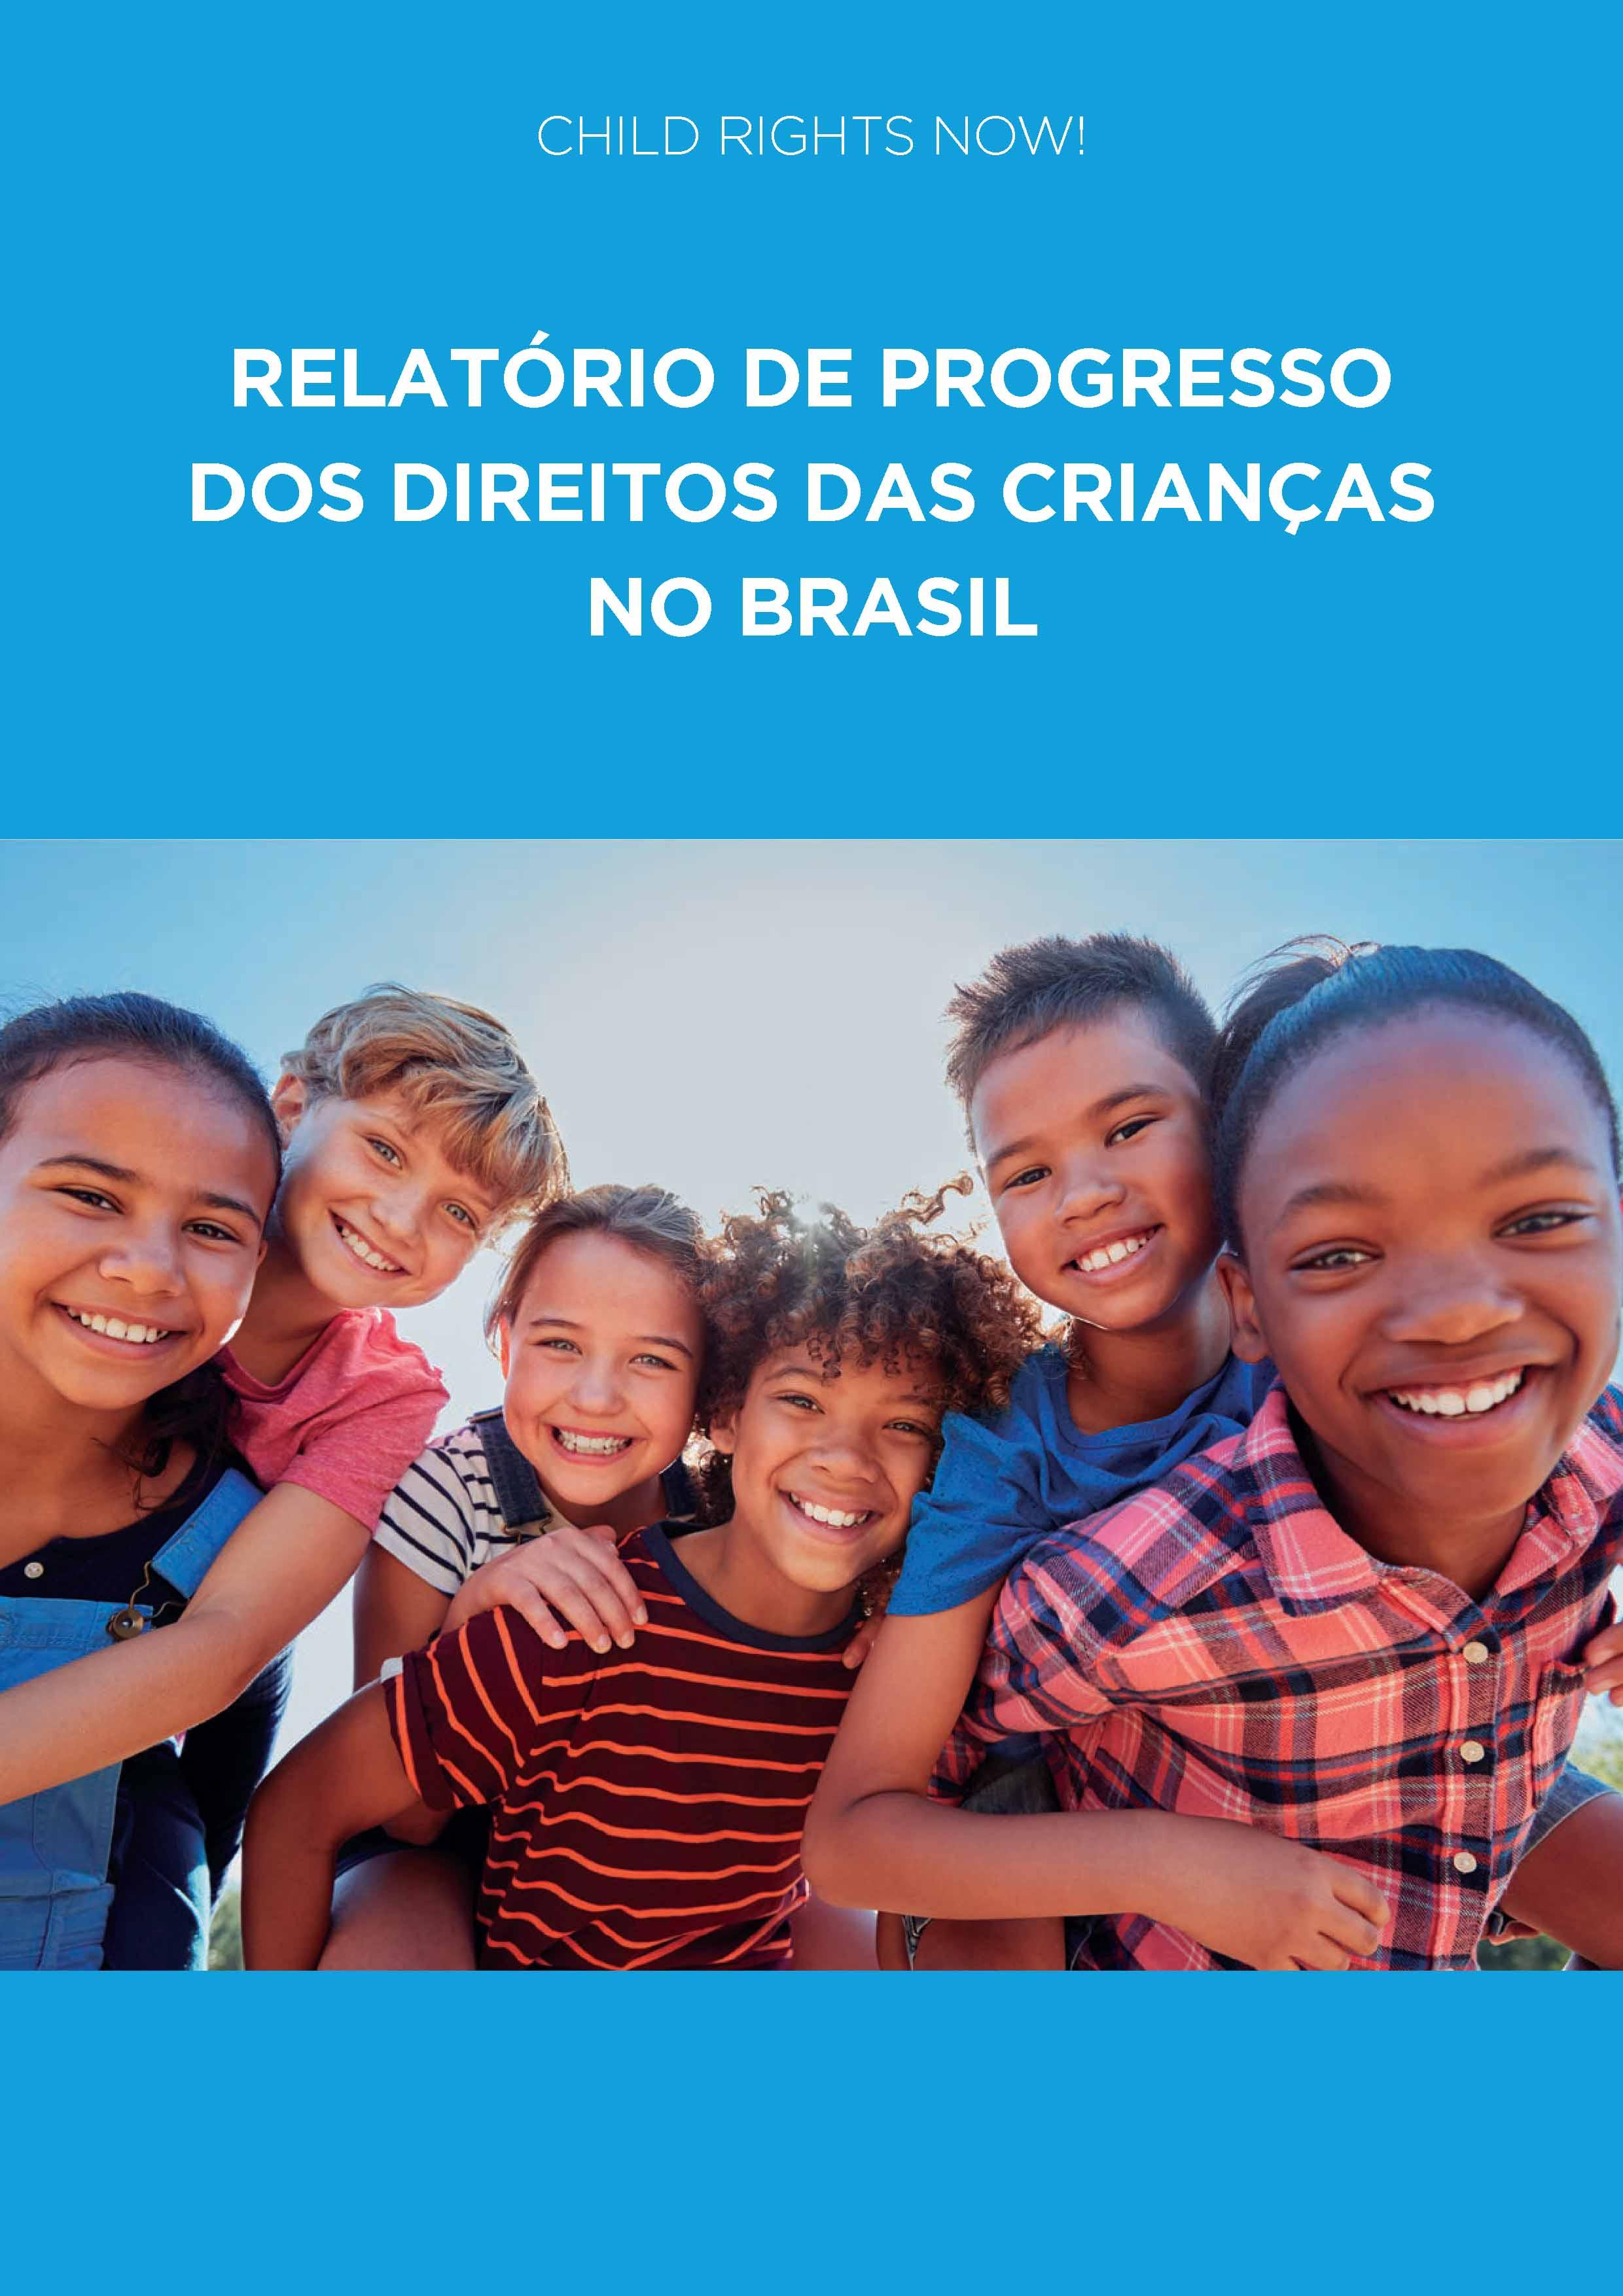 relatorio-de-progresso-dos-direitos-das-criancas-no-brasil